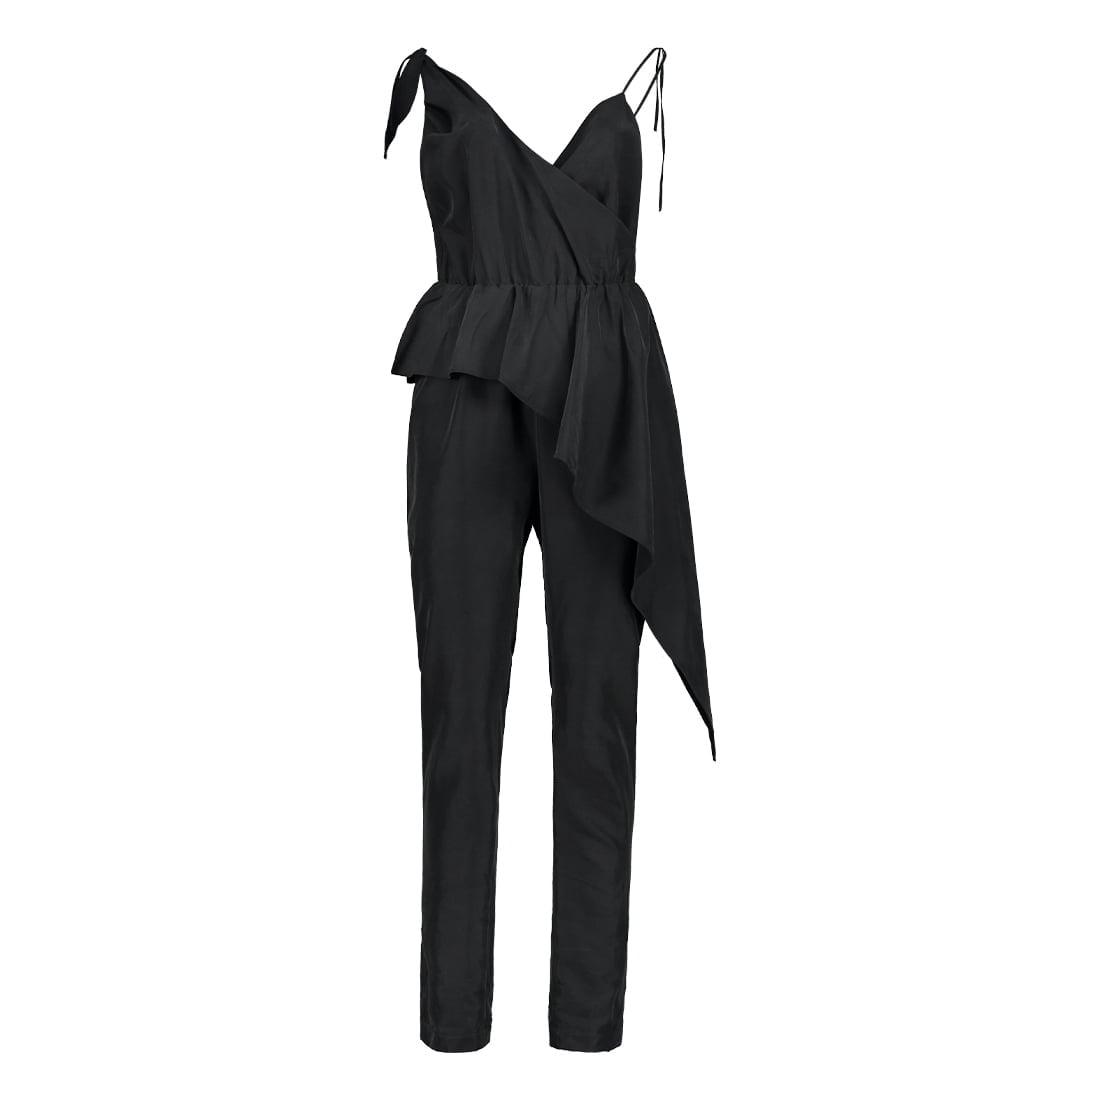 Asymmetrical rayon dress 1